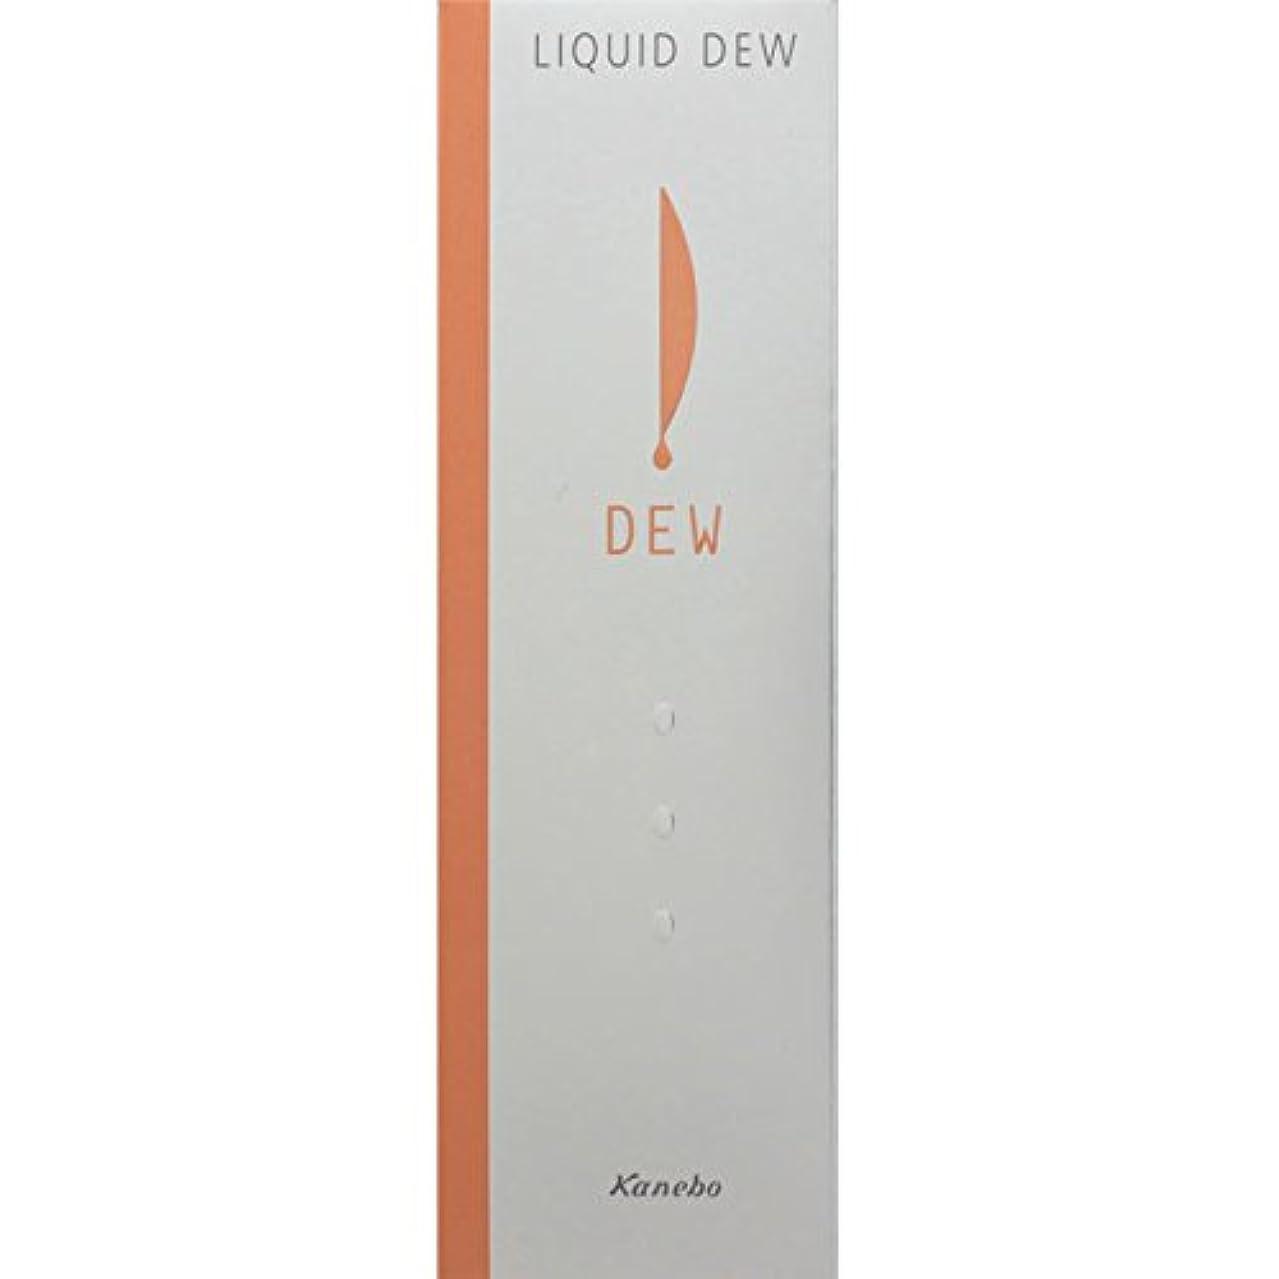 令状通常主にカネボウ化粧品 DEW リクイドデュウ ソフトオークルA